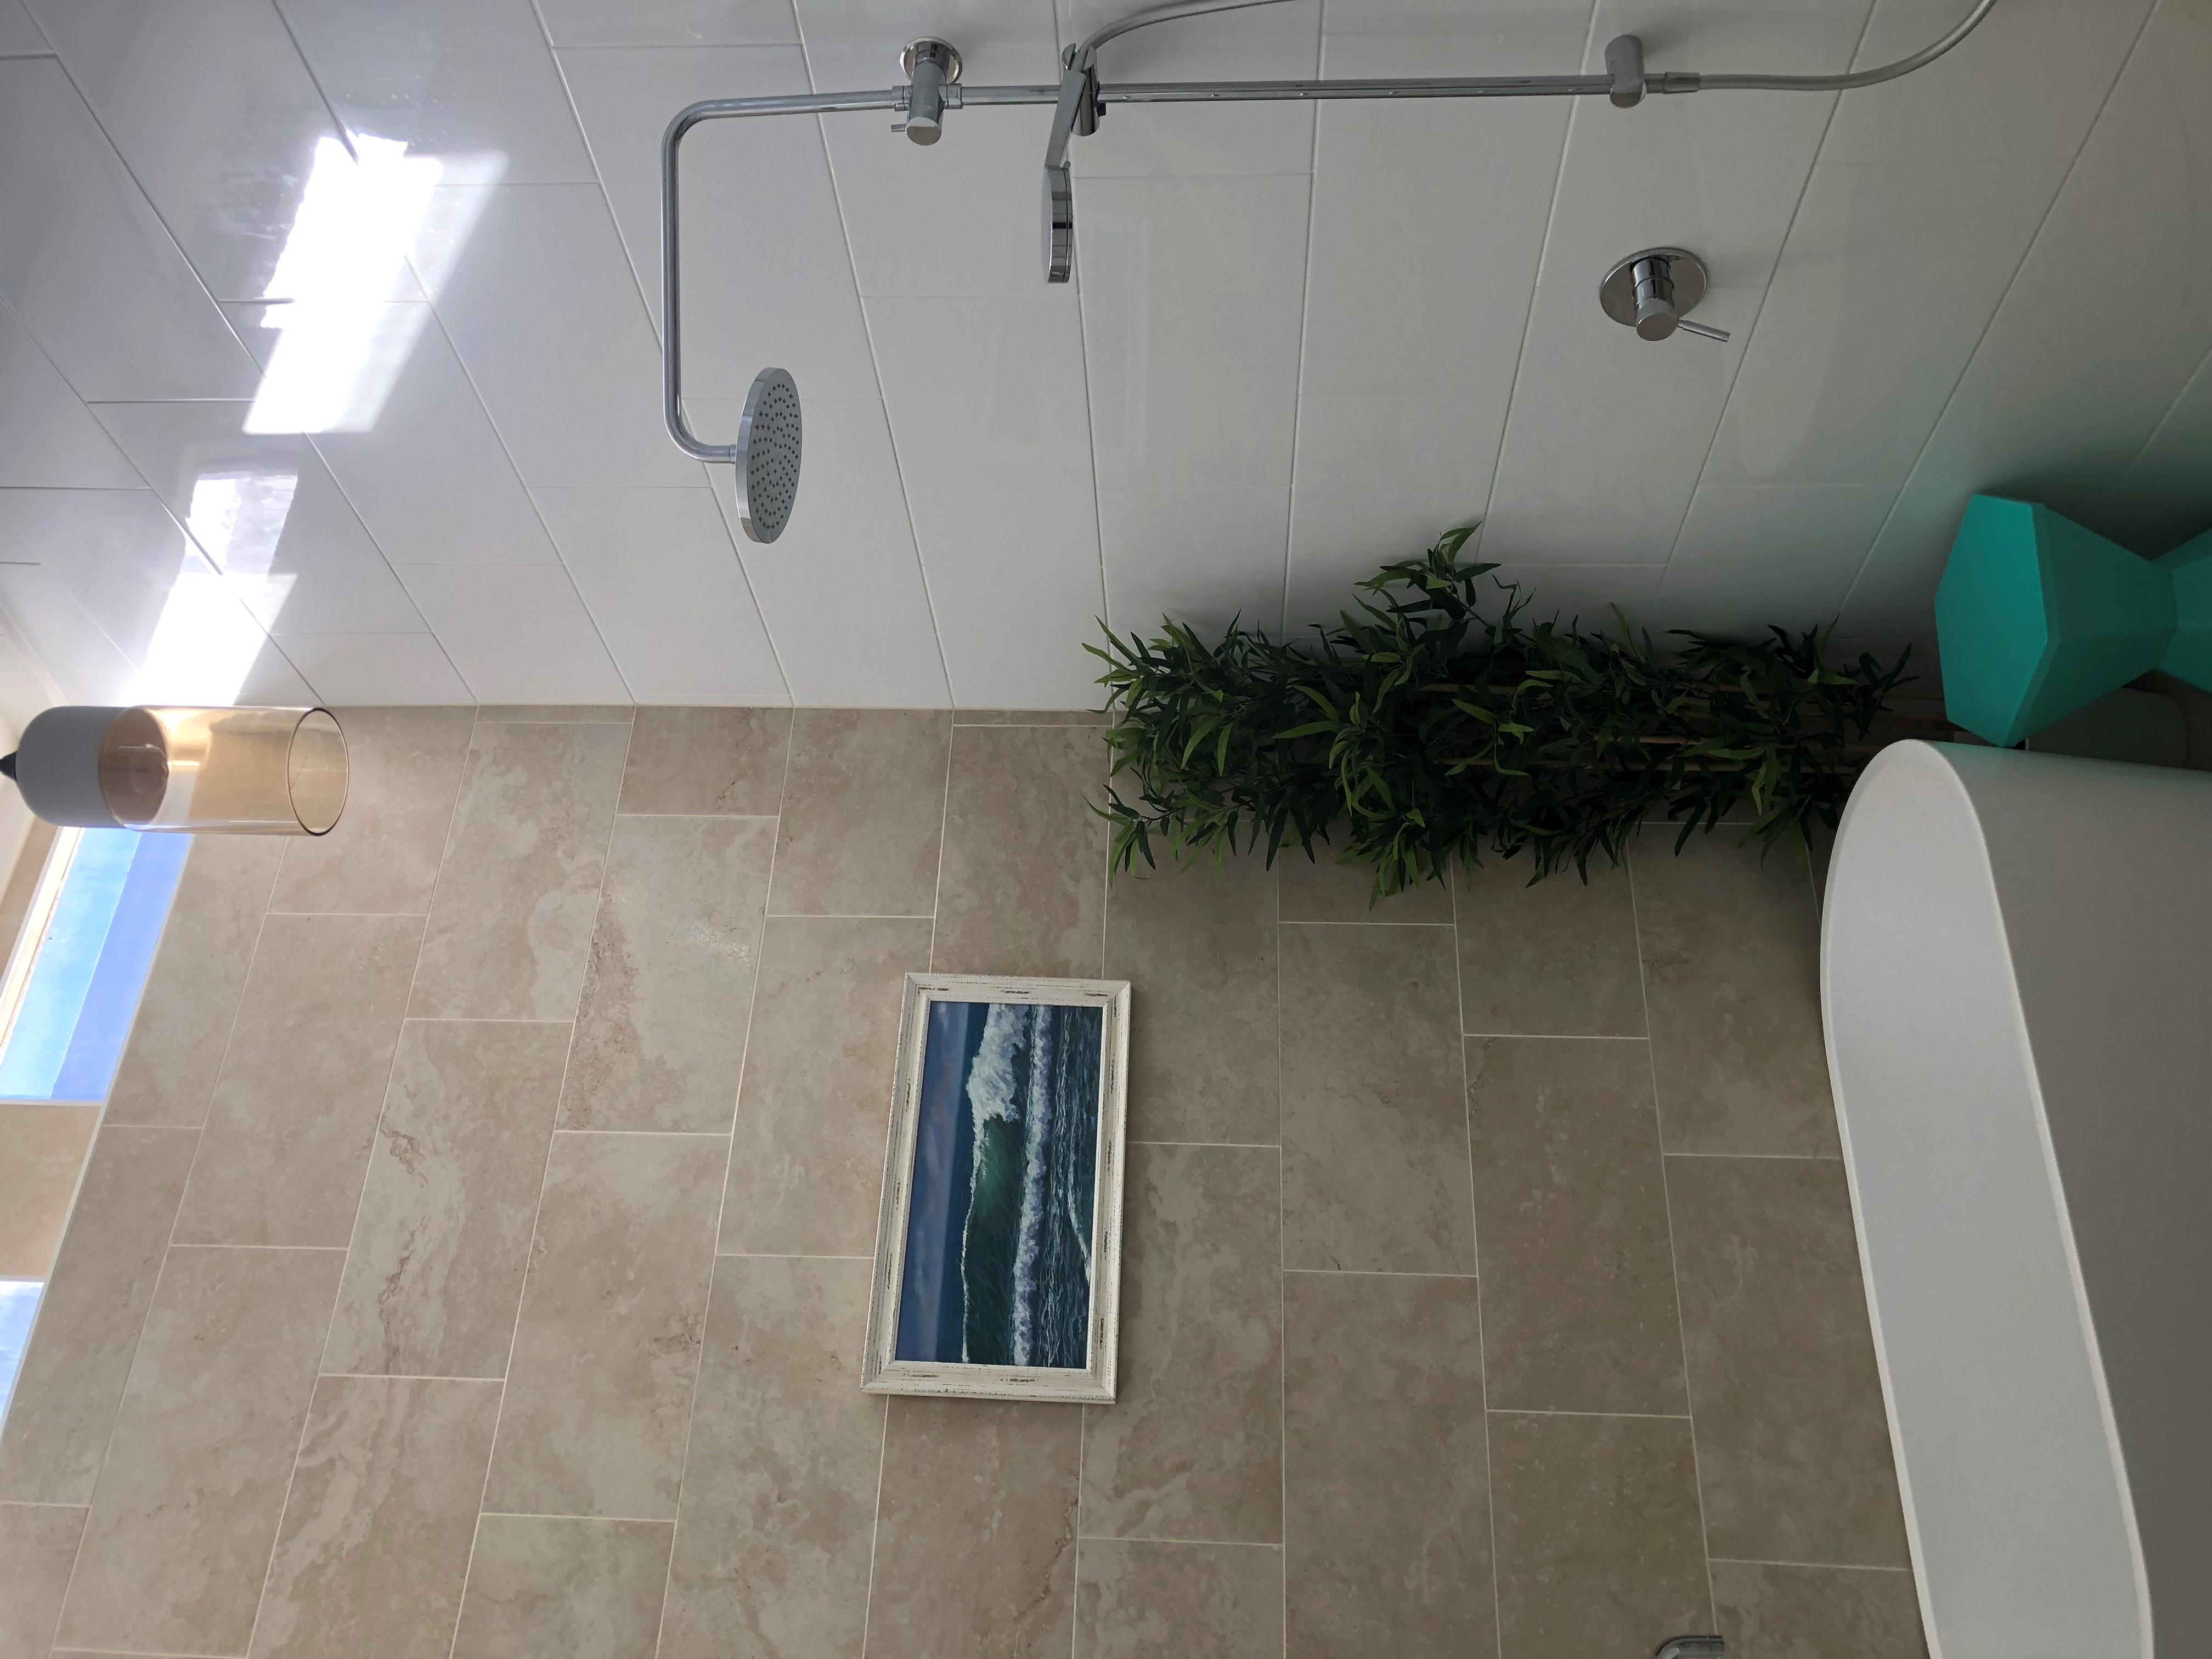 Admirals Deck - Shower/bathroom gallery image